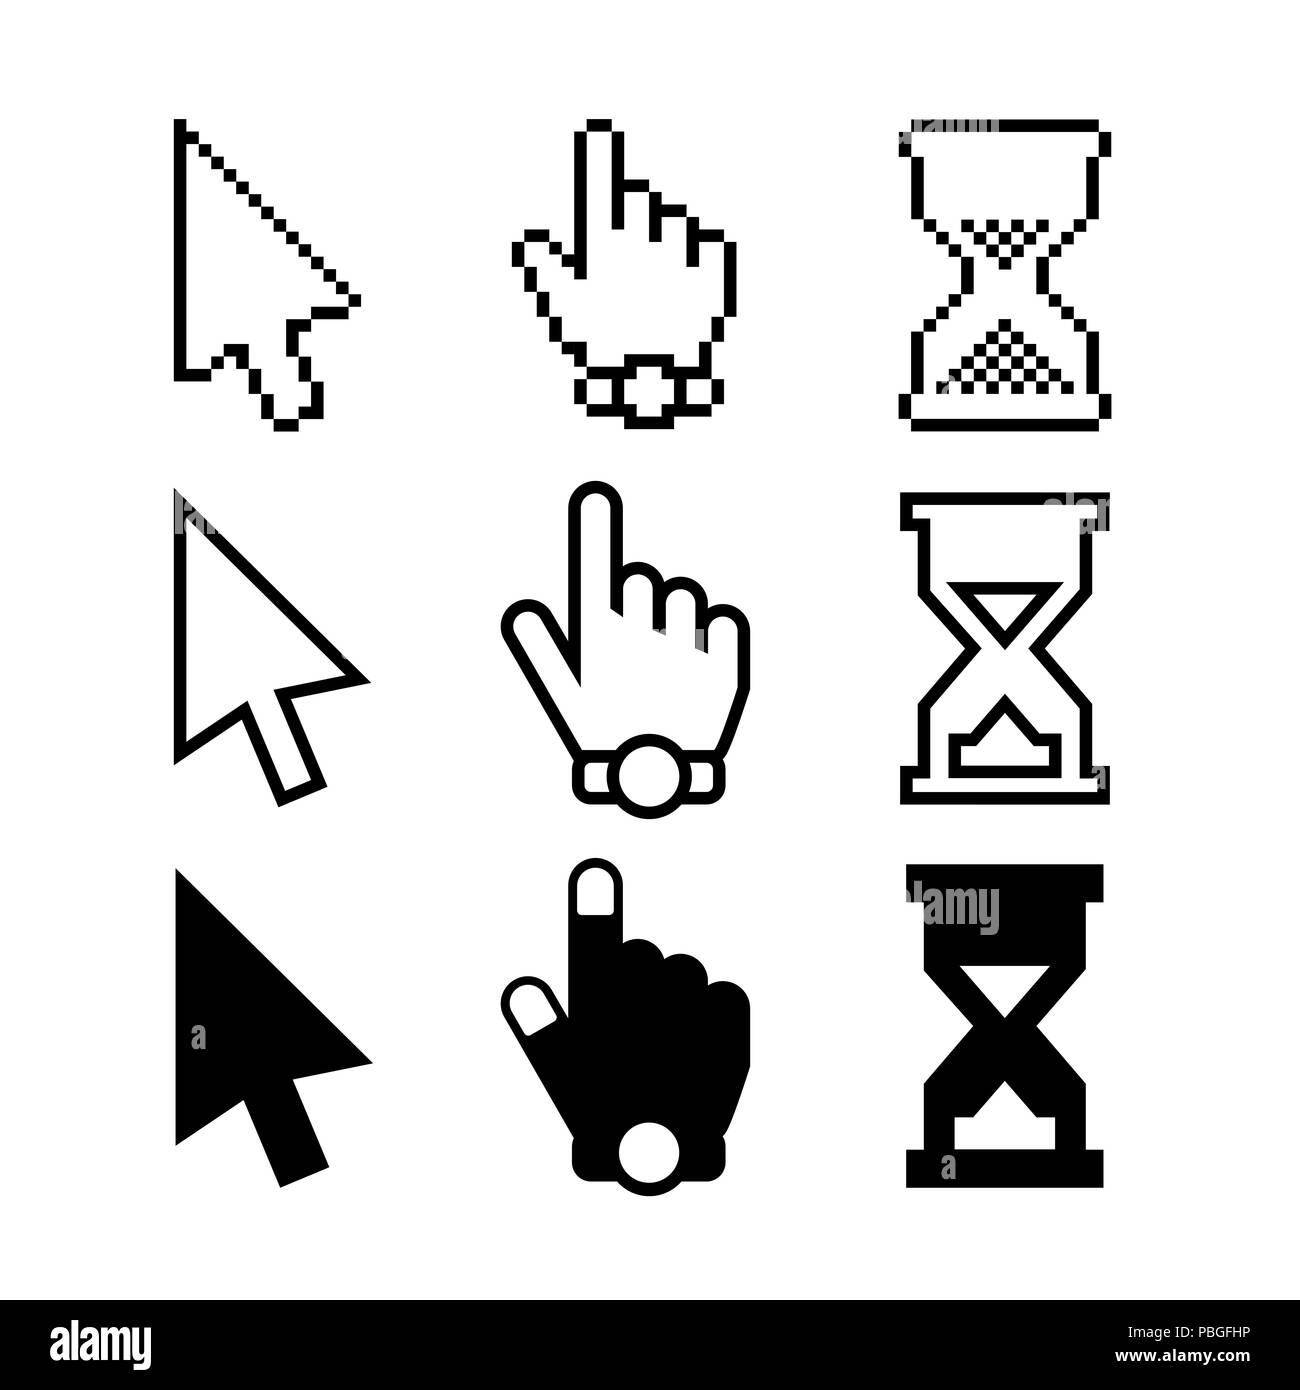 Icones Curseurs La Fleche De Souris Main Et Hourglass Ensemble Des Elements Conception Pour